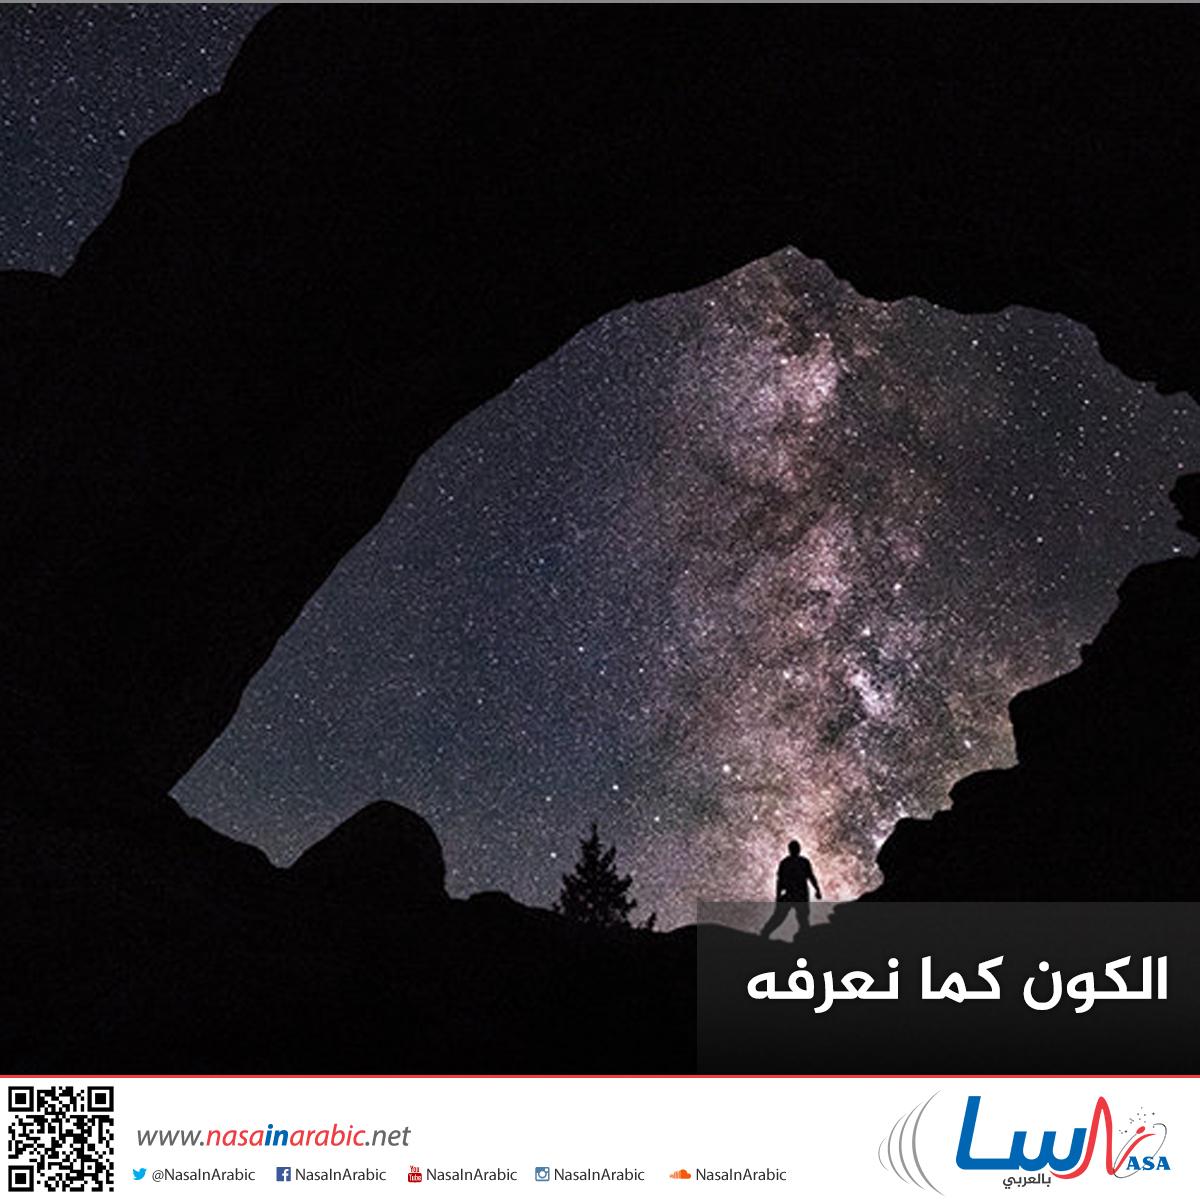 الكون كما نعرفه